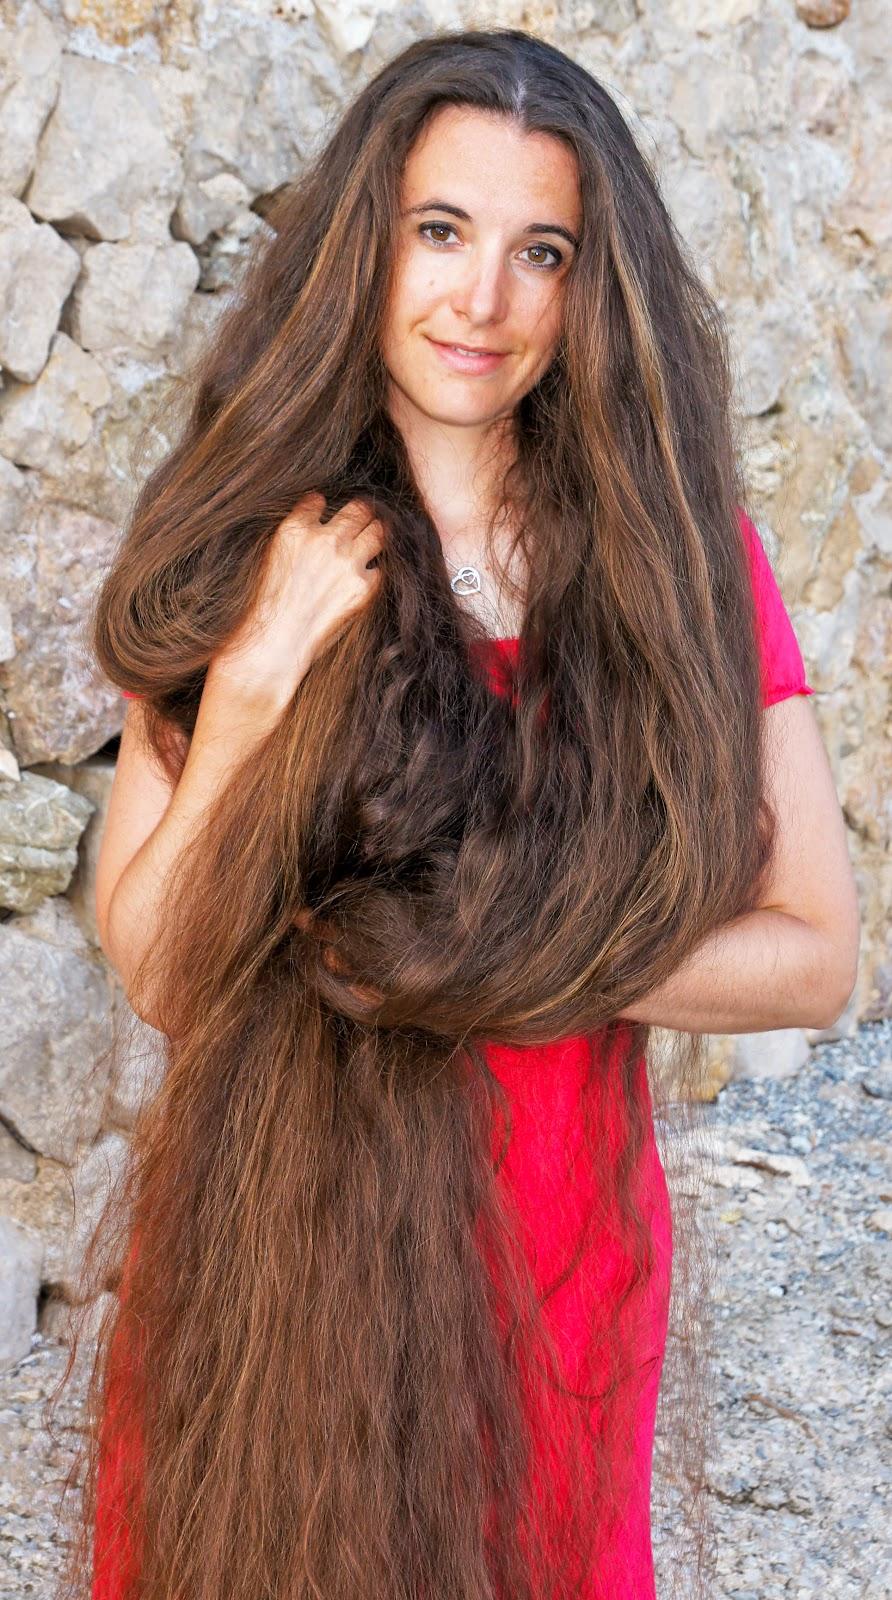 Marianne_Ernst,_Long_hair_model.jpg